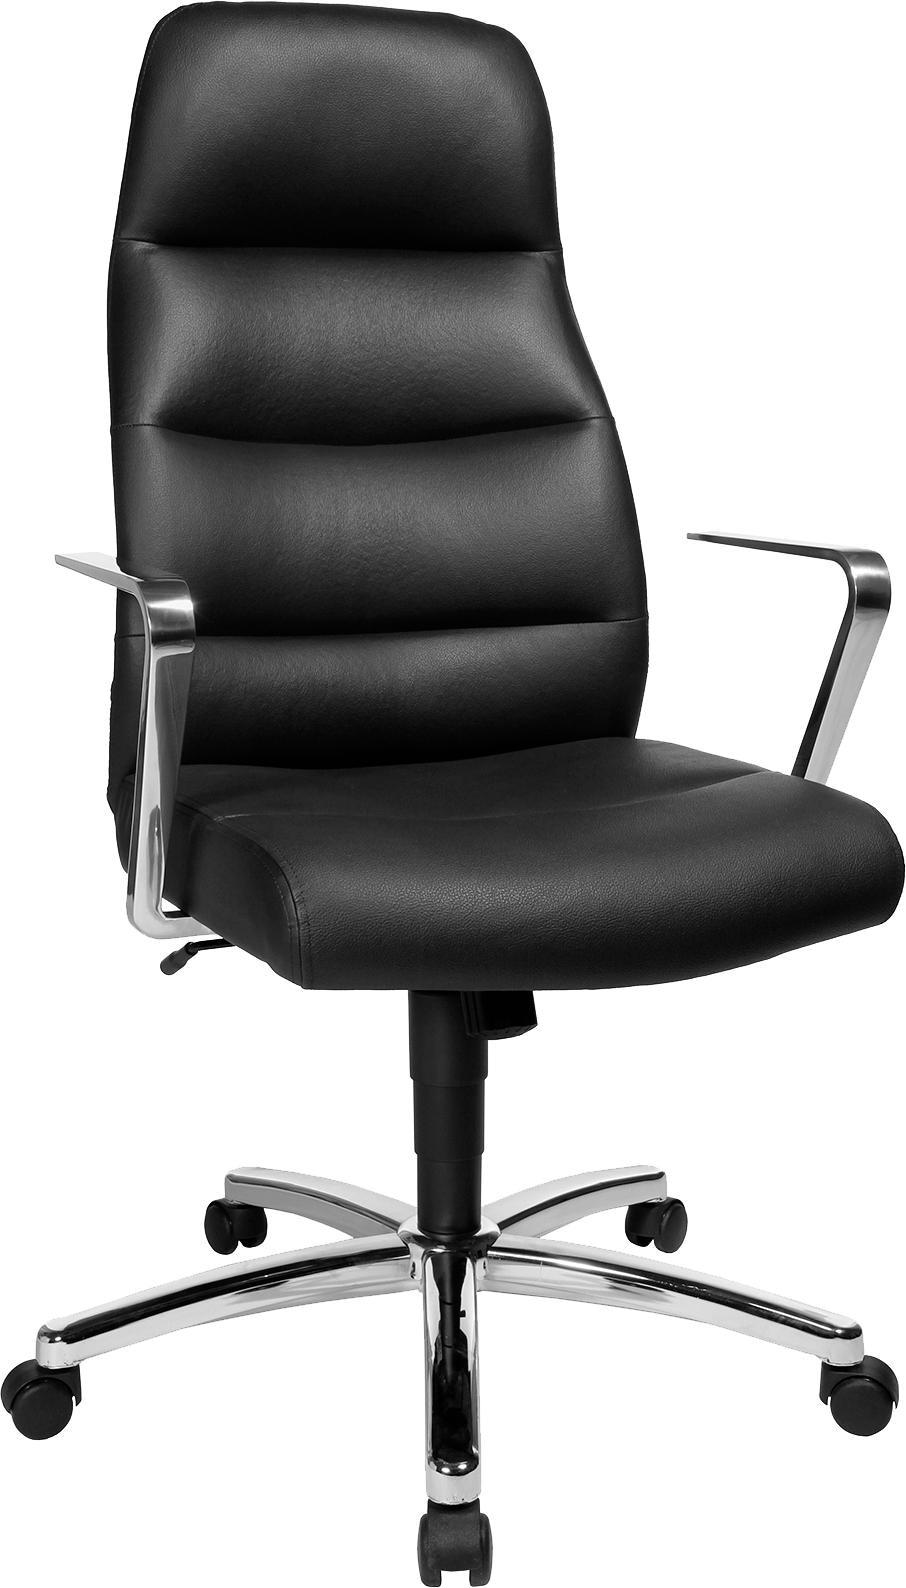 Topstar Chairman® 70 Chefsessel hellbraun//chrom Drehstuhl Bürosessel